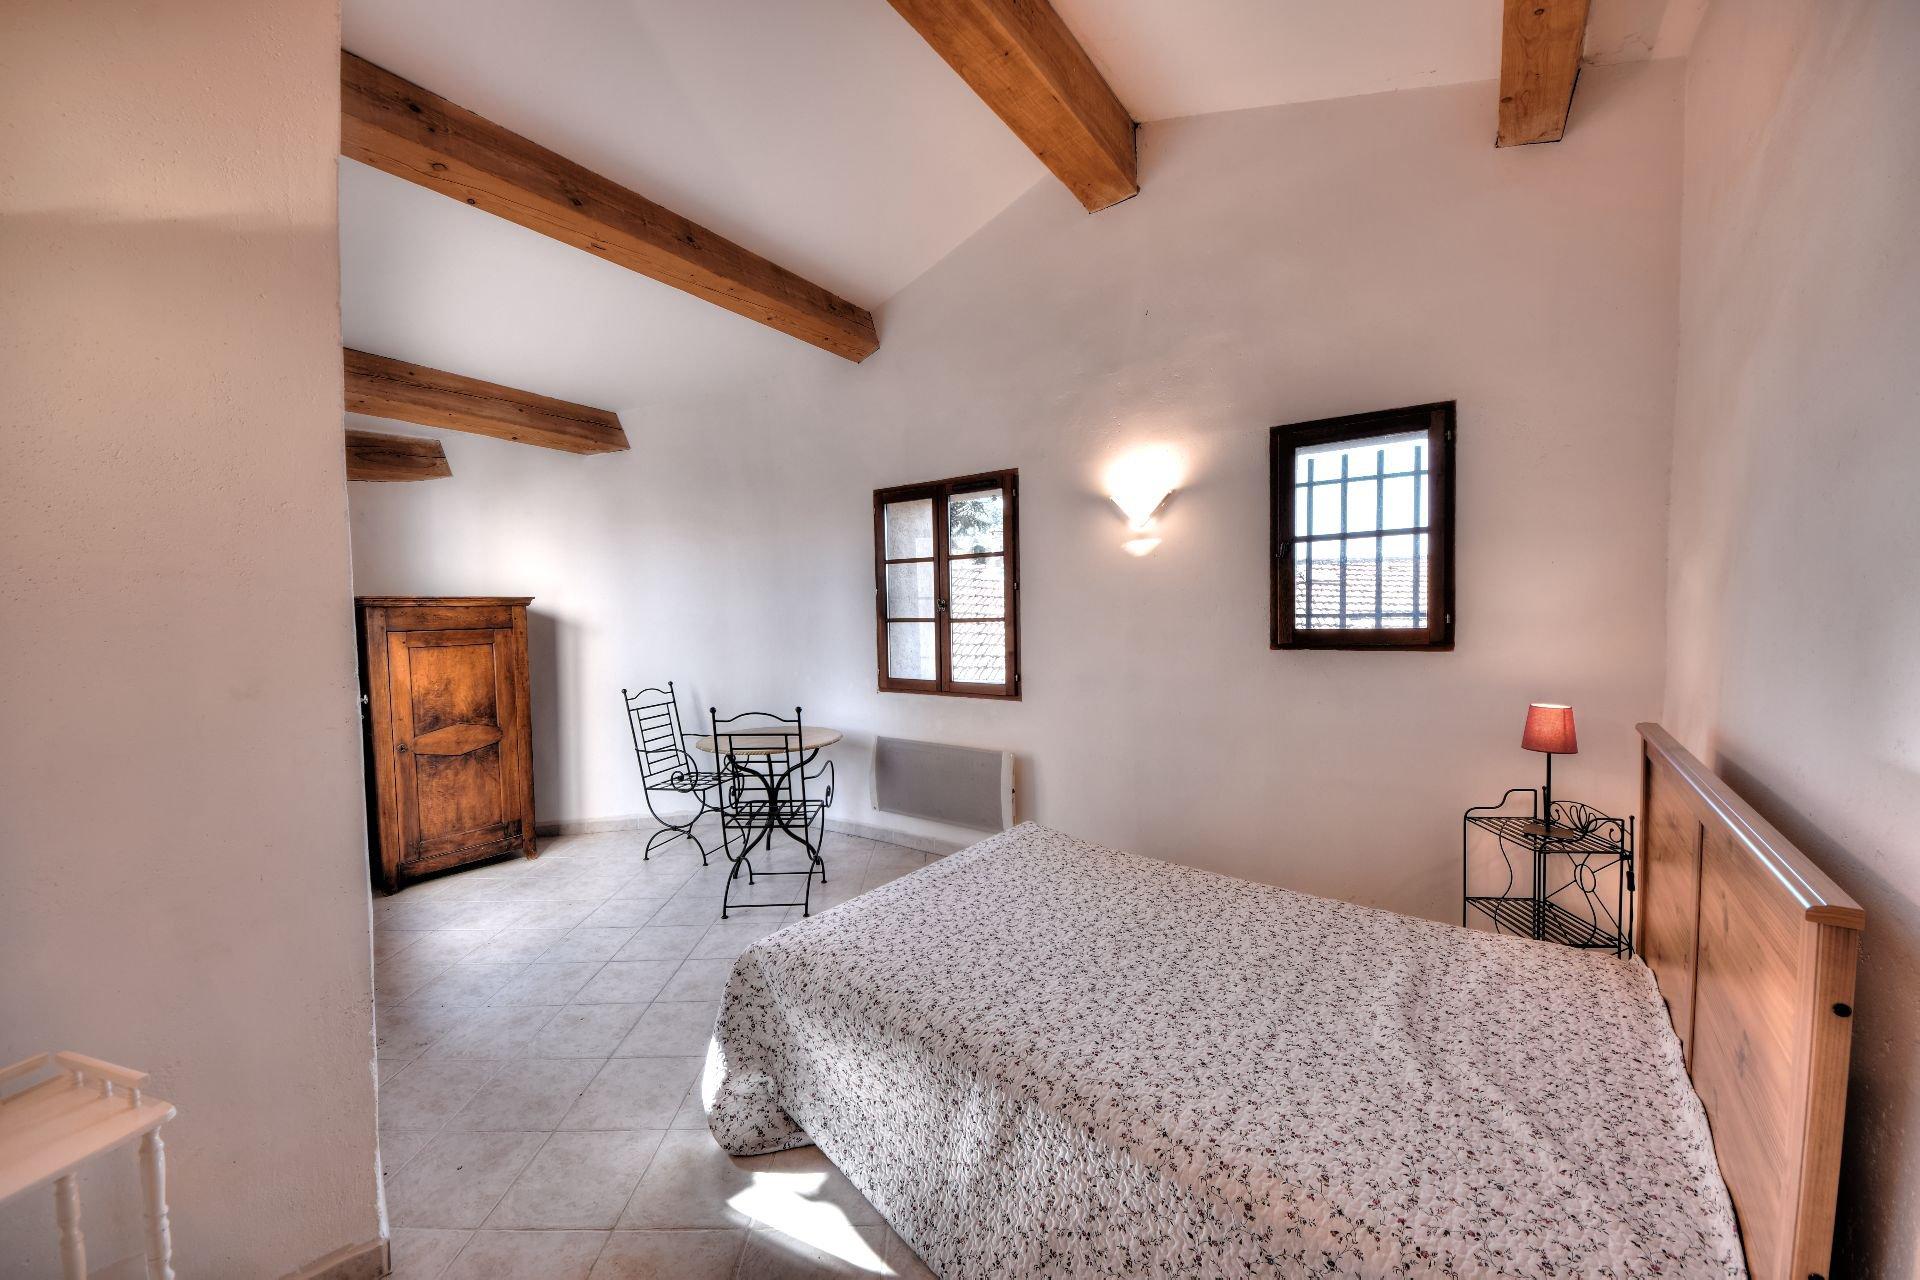 Vente Maison de village - Sillans-la-Cascade